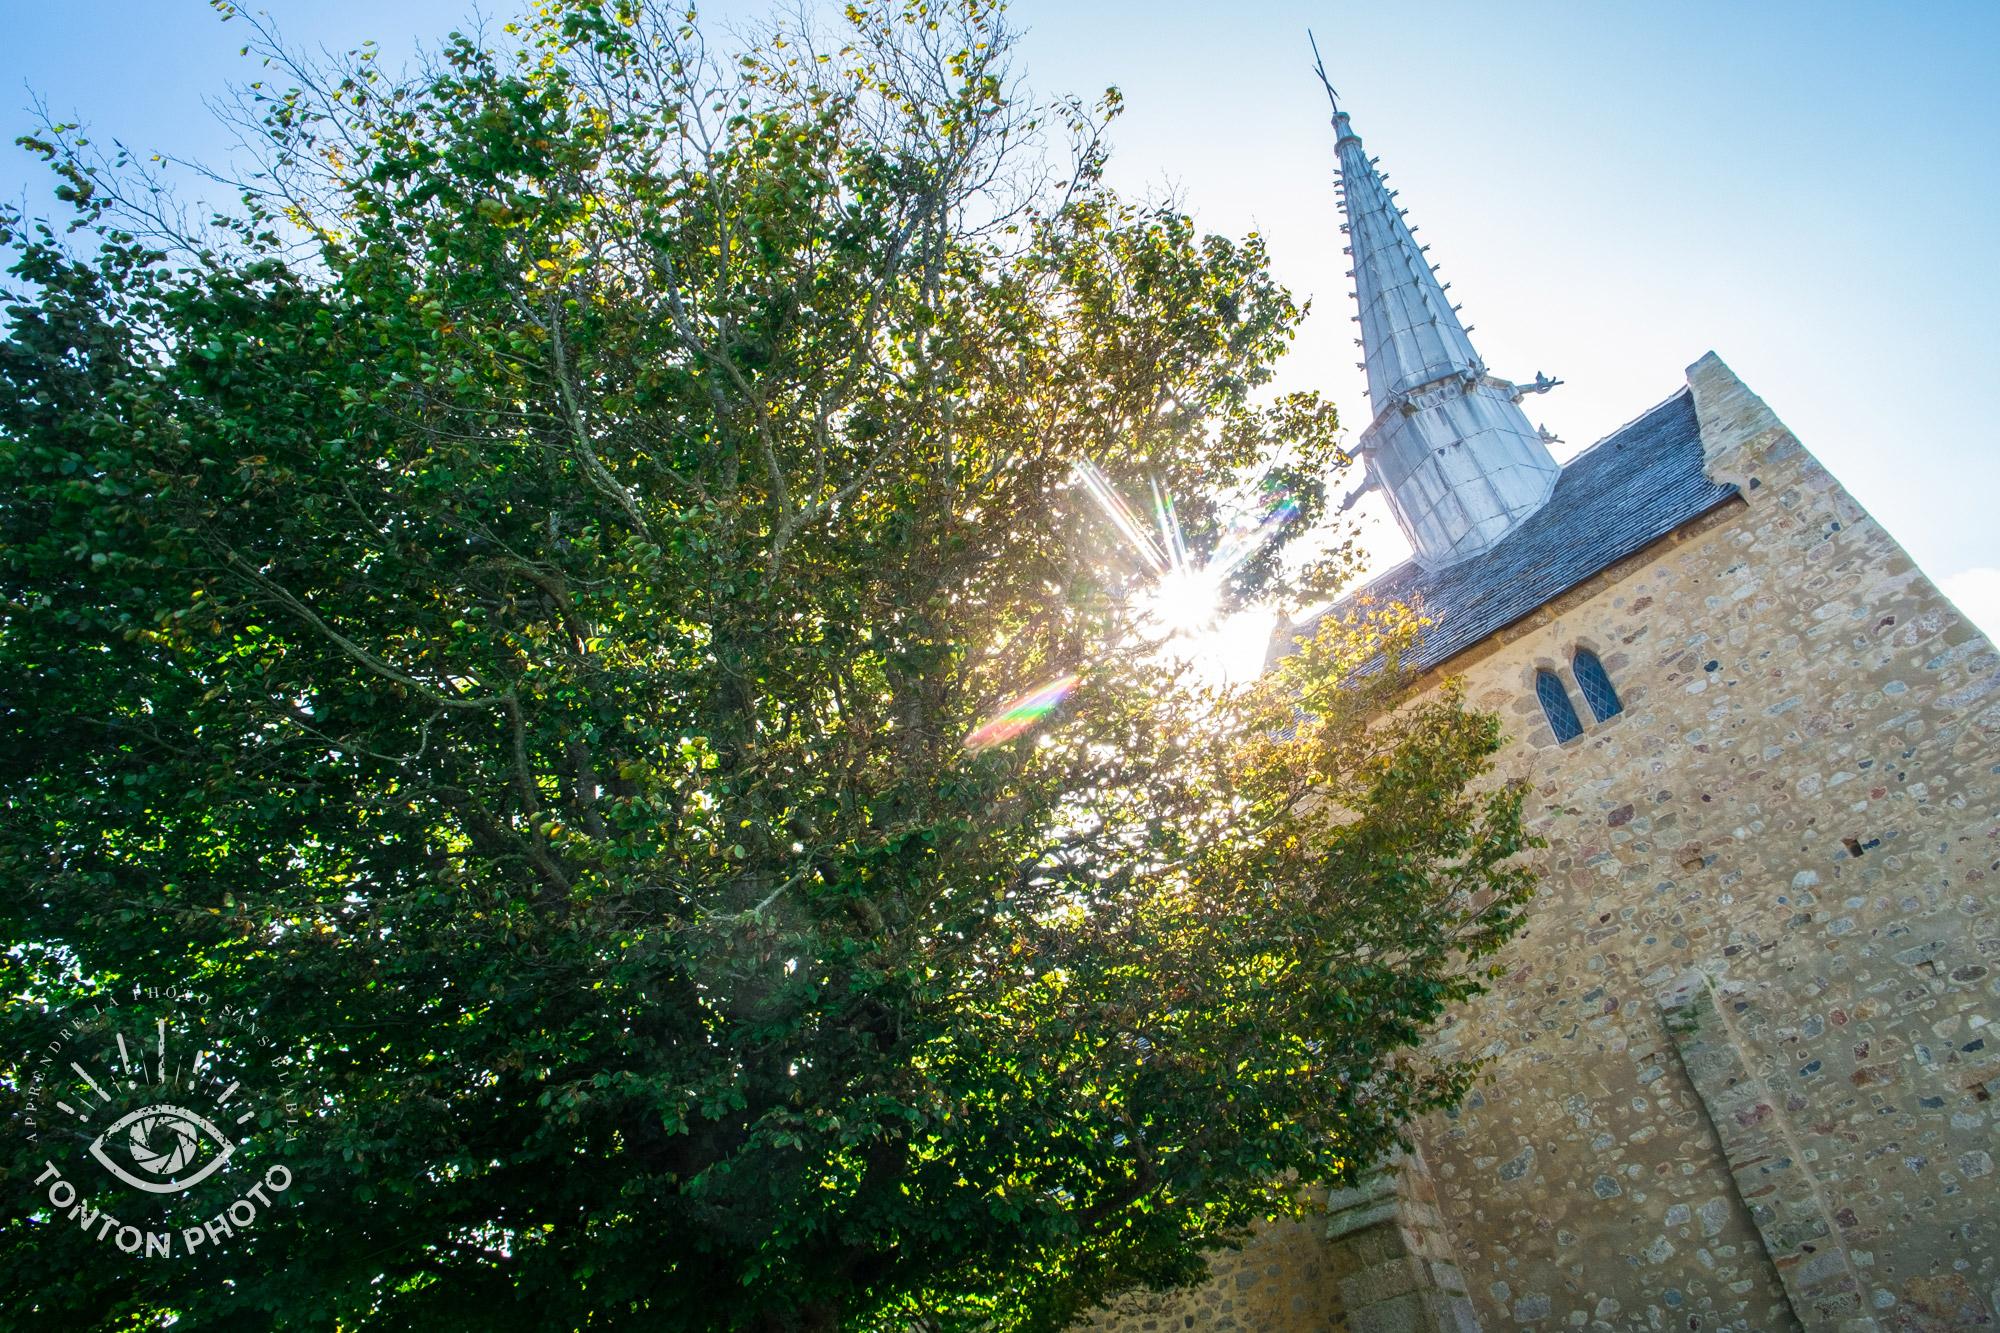 En cachant partiellement le soleil derrière l'église et l'arbre, j'ai pu capturer les rayons du soleil de manière à dynamiser la photo © Tonton Photo